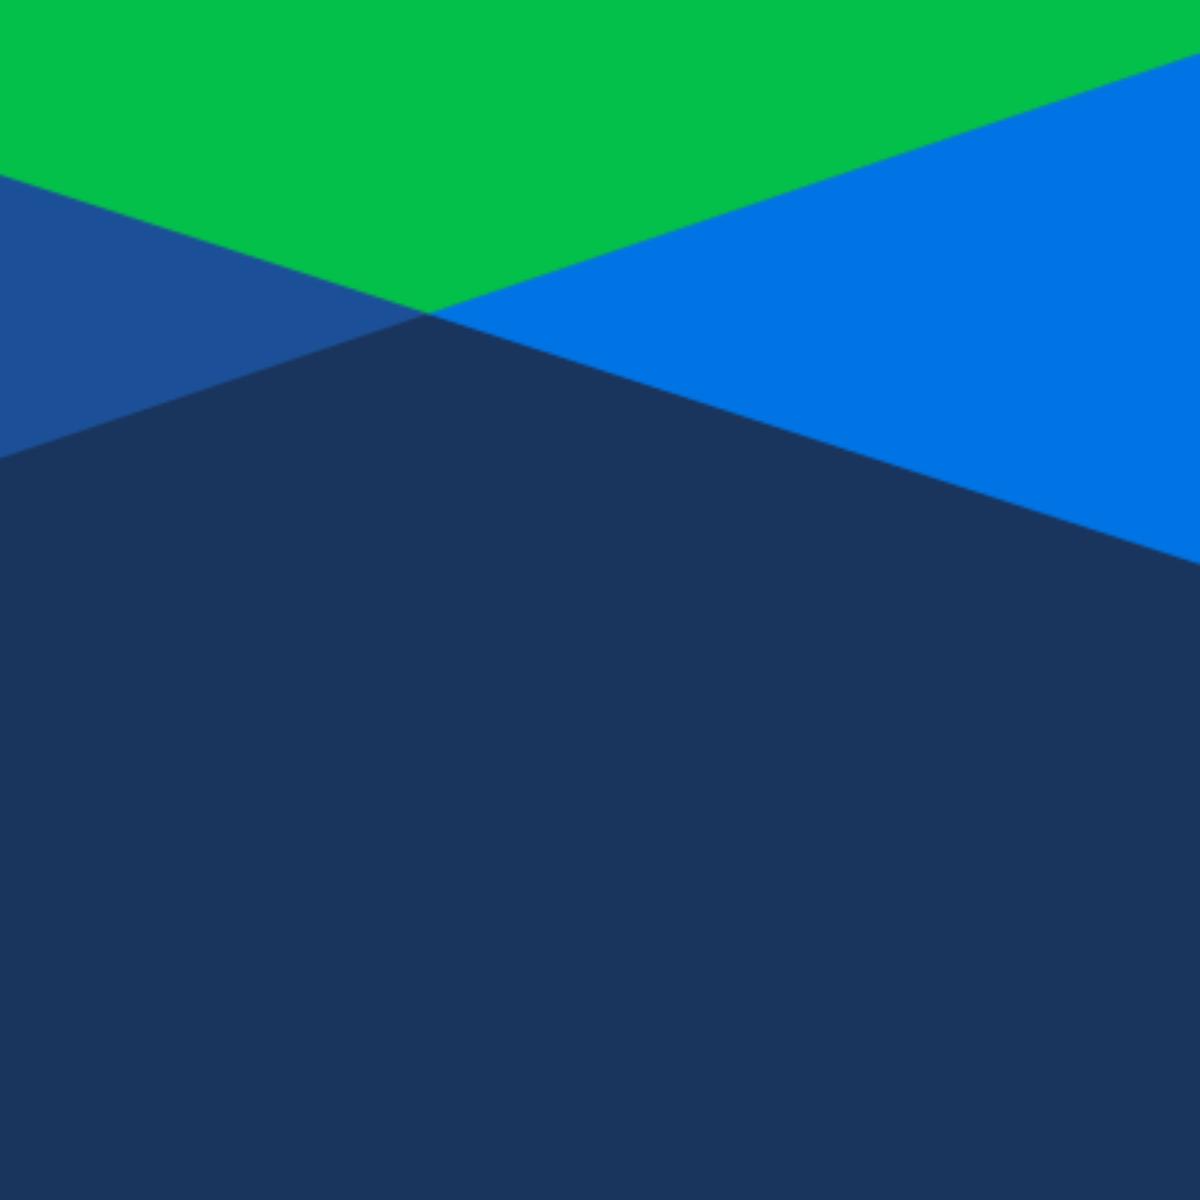 Zillow Economics Data | Kaggle